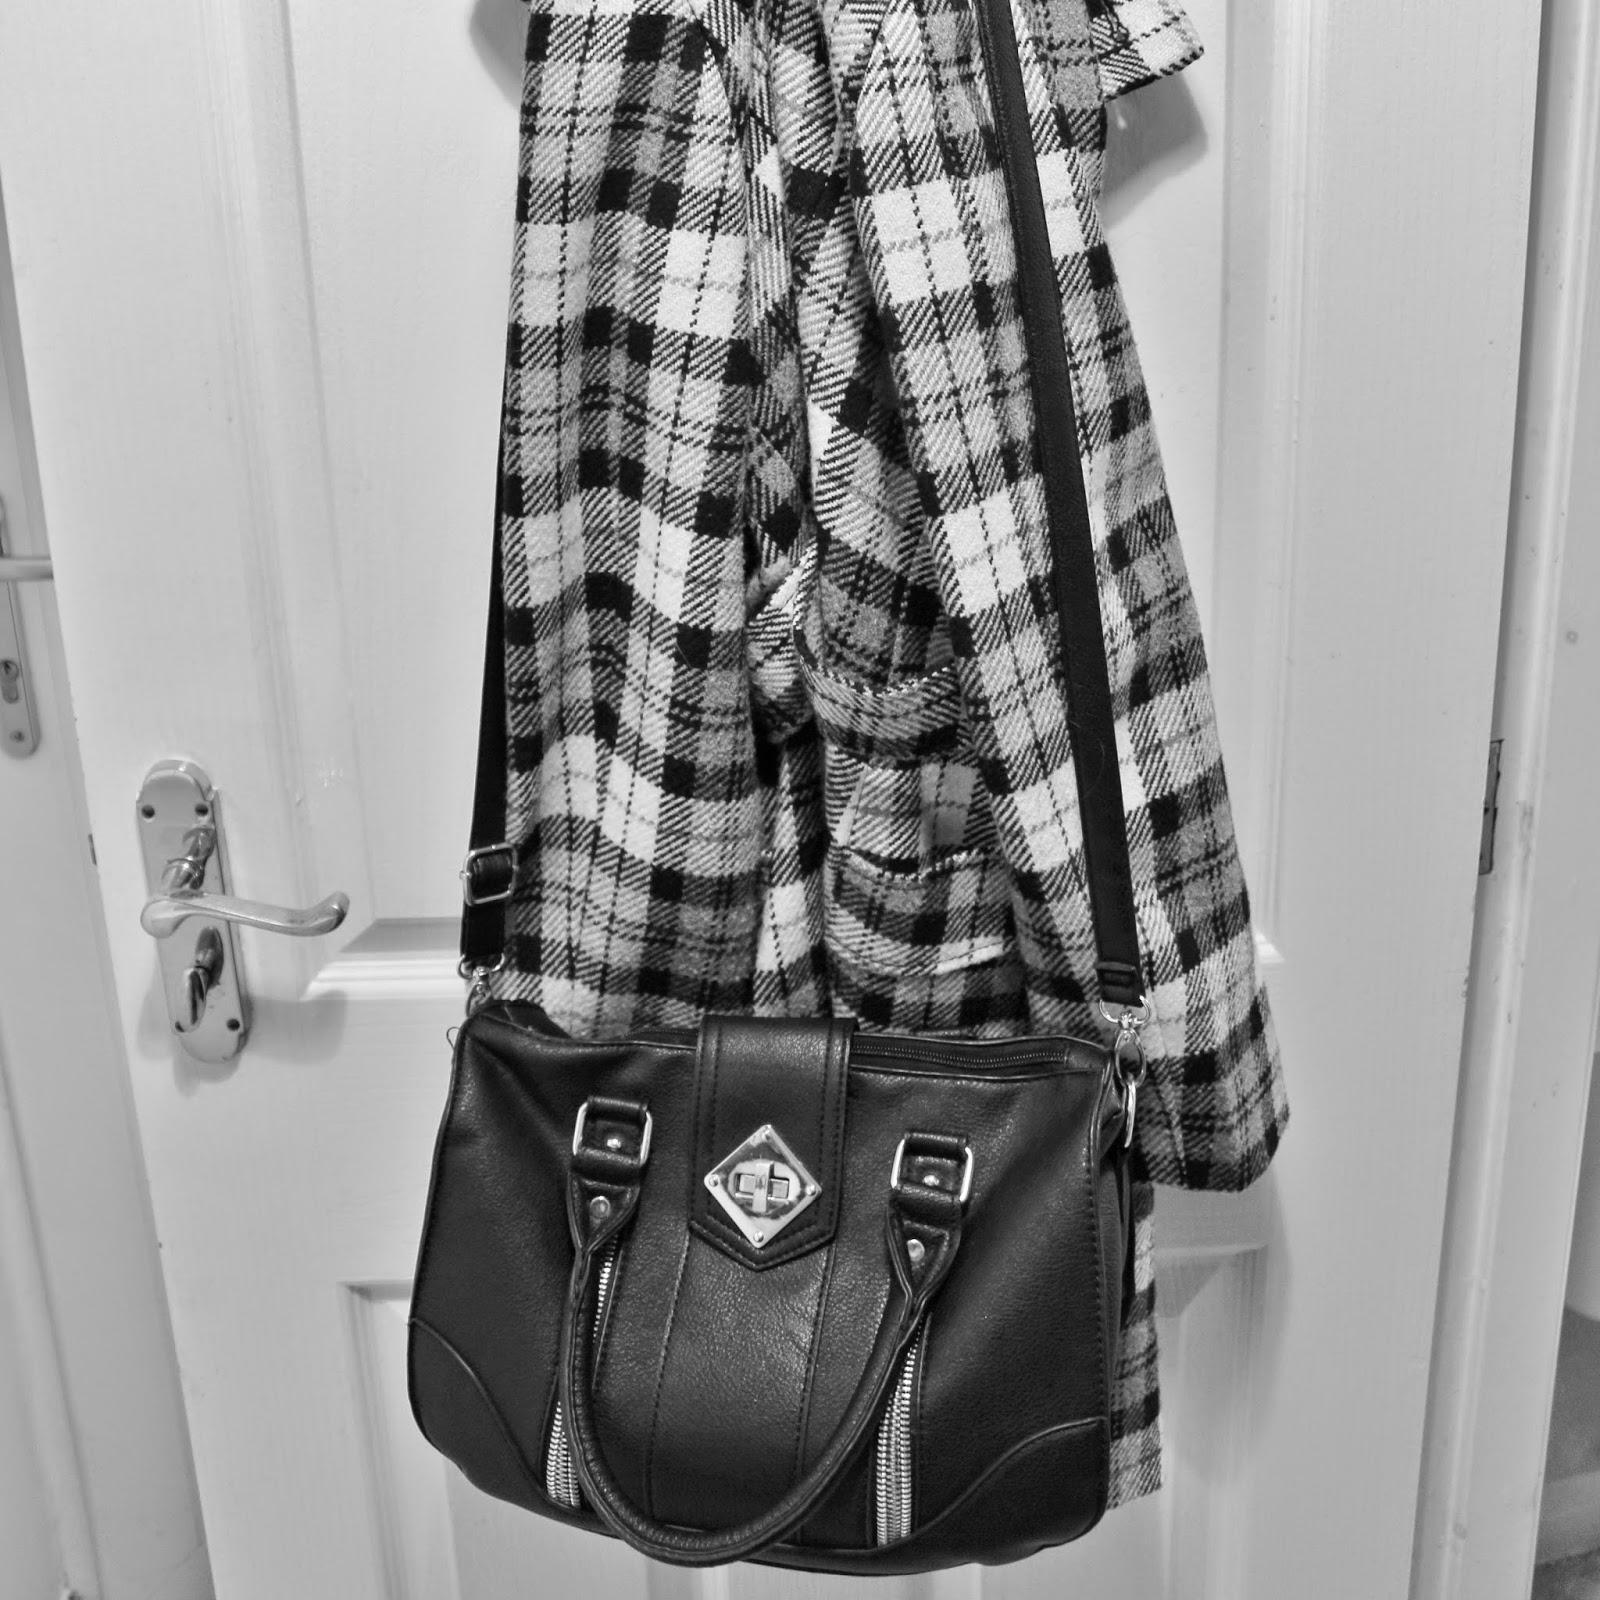 Bag and Coat hanging on door